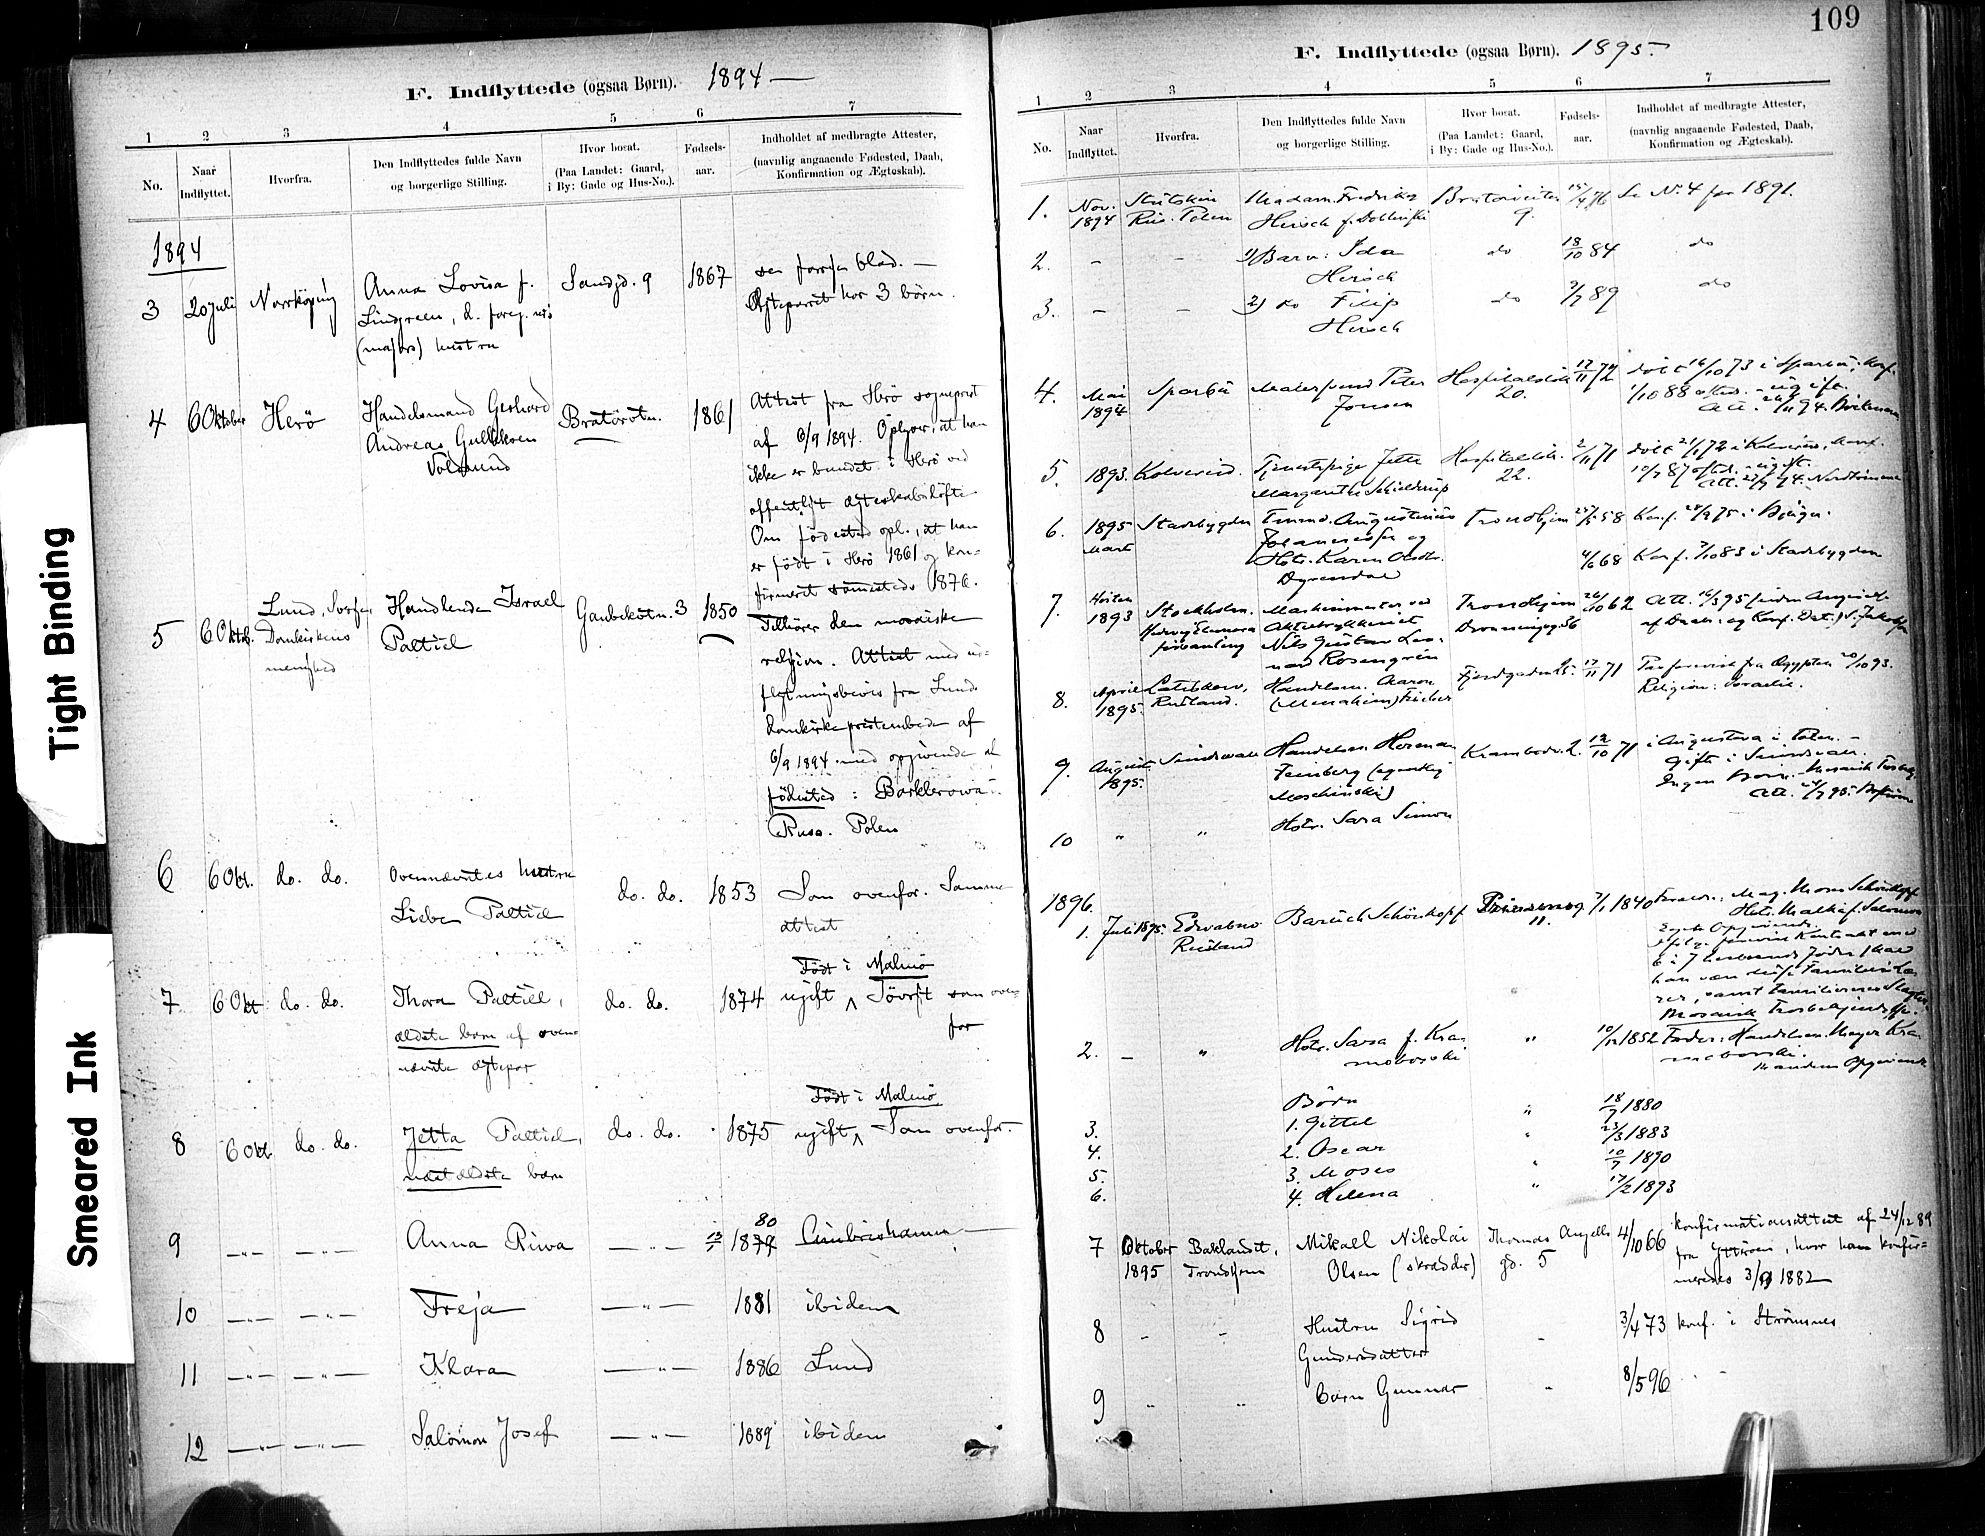 SAT, Ministerialprotokoller, klokkerbøker og fødselsregistre - Sør-Trøndelag, 602/L0120: Ministerialbok nr. 602A18, 1880-1913, s. 109